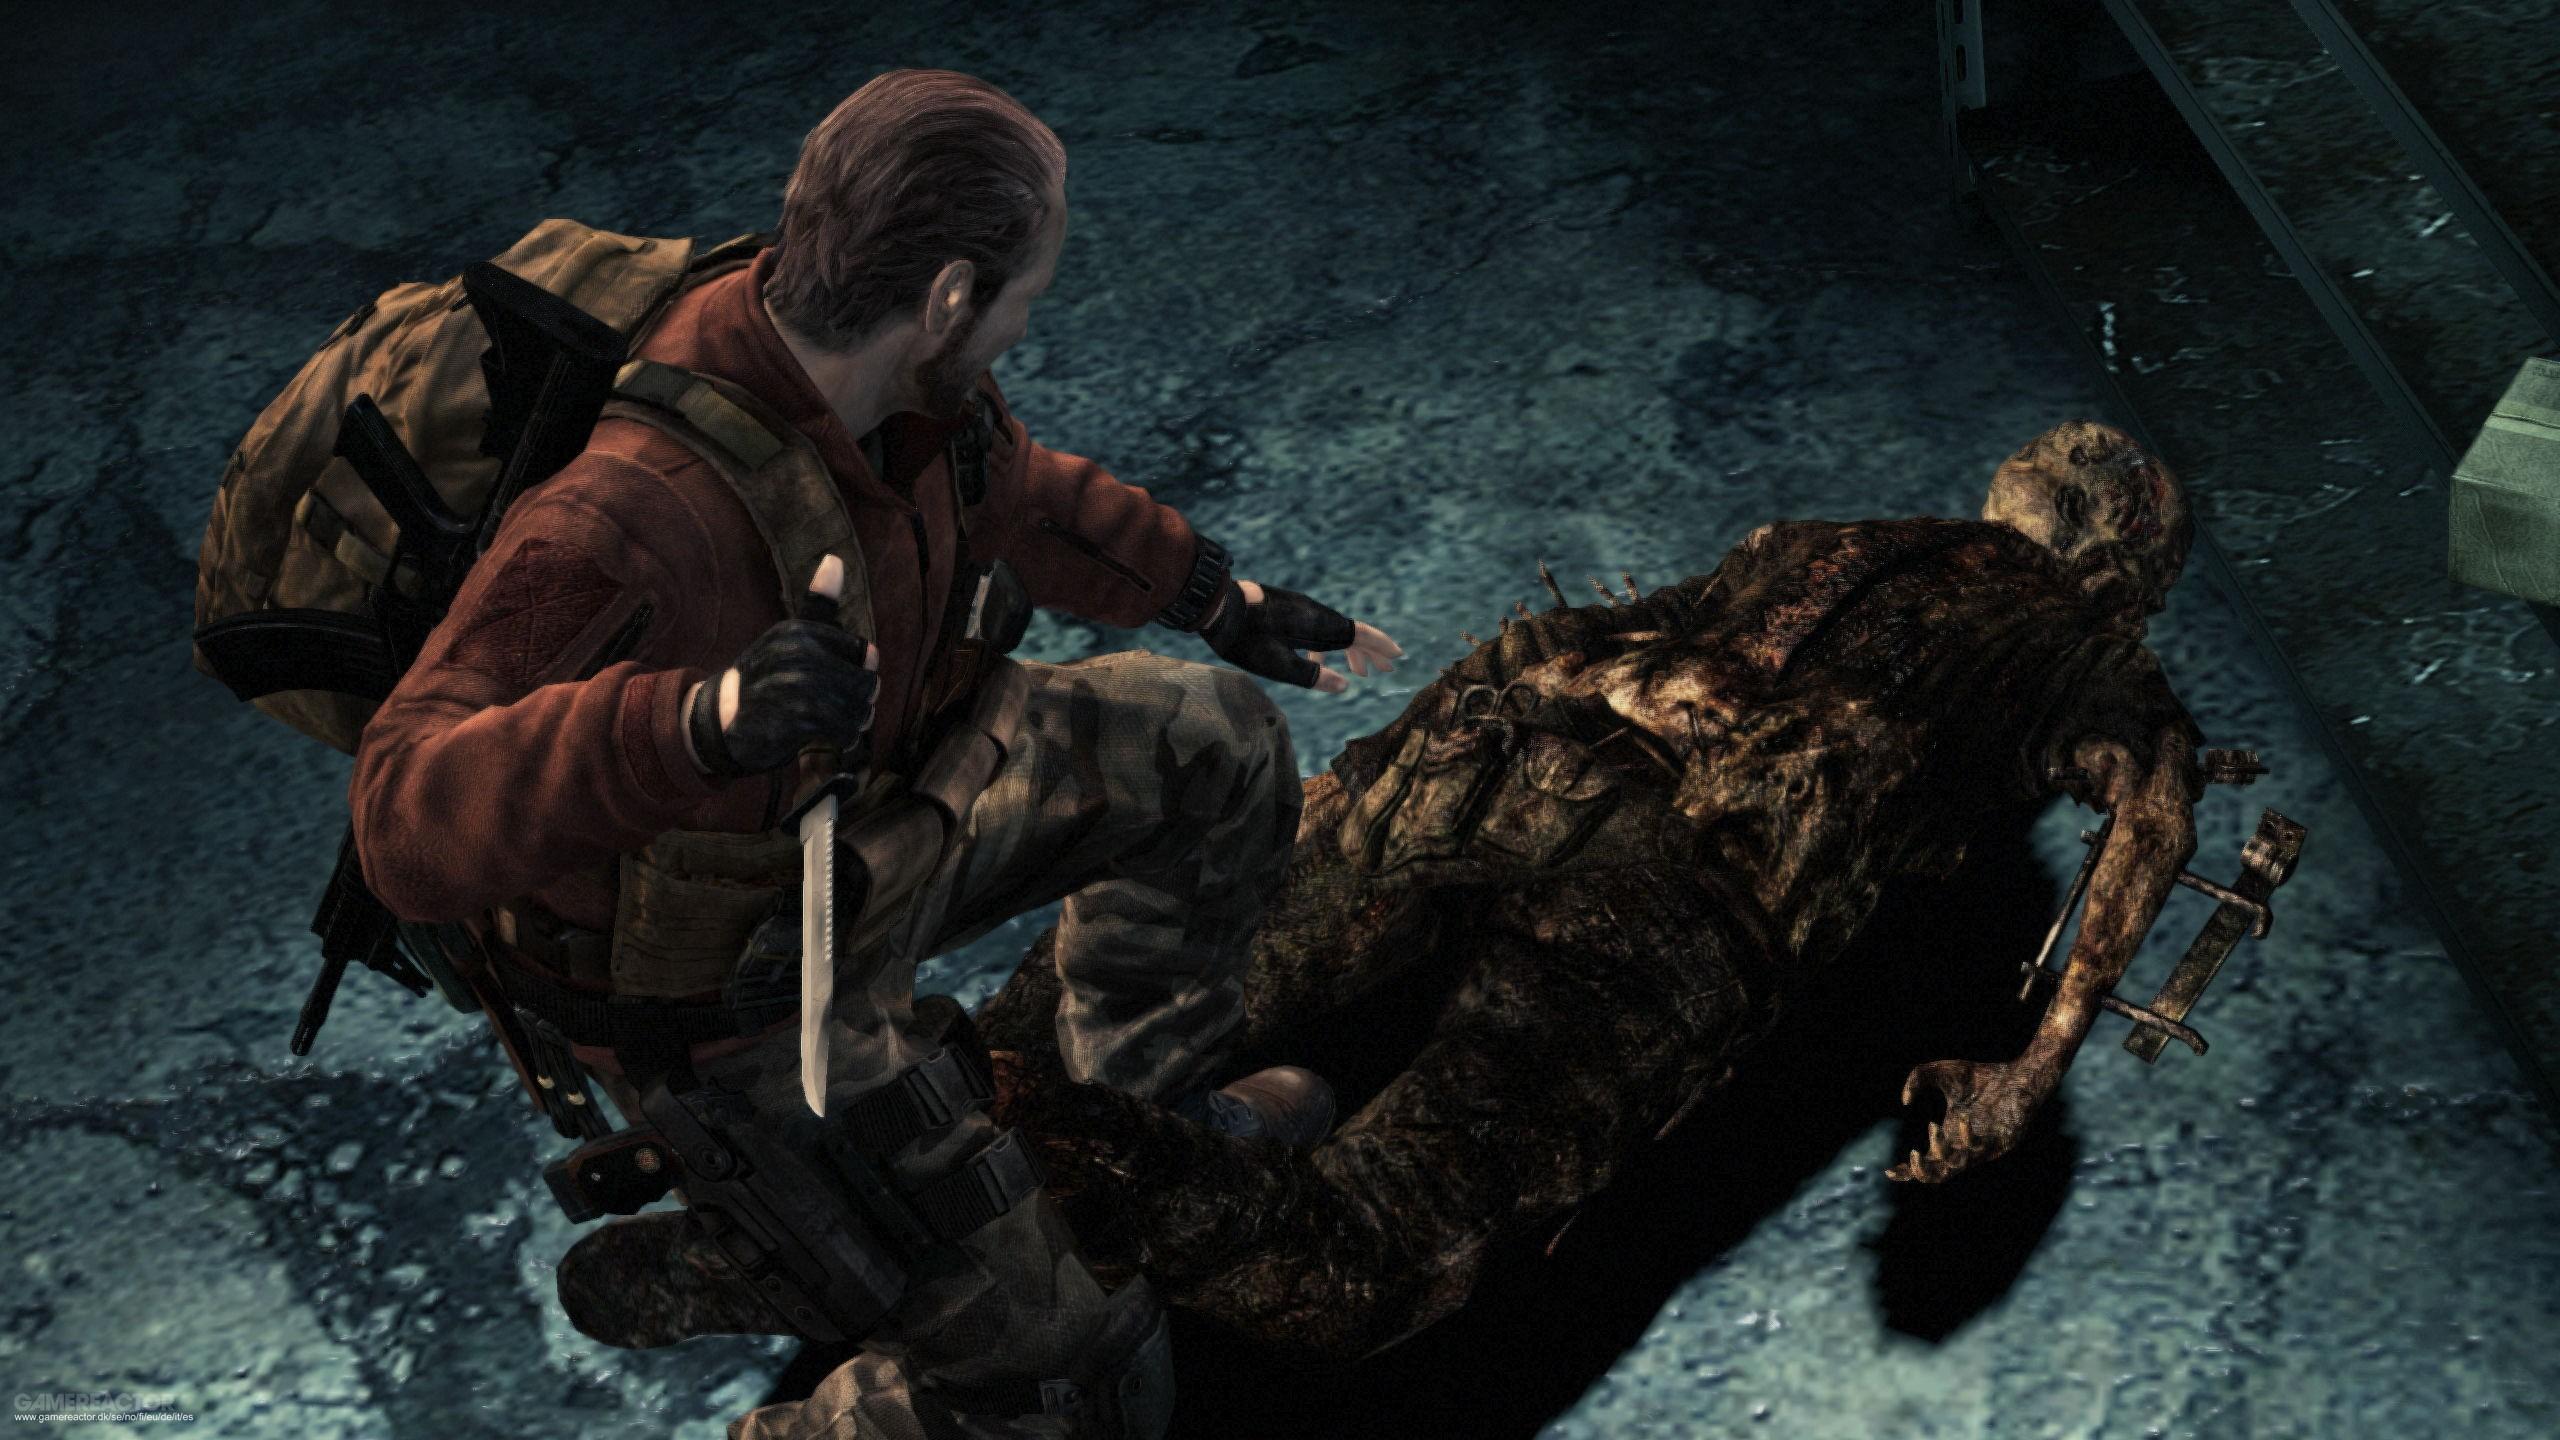 Resident Evil Revelations 2 Episode 1 Review